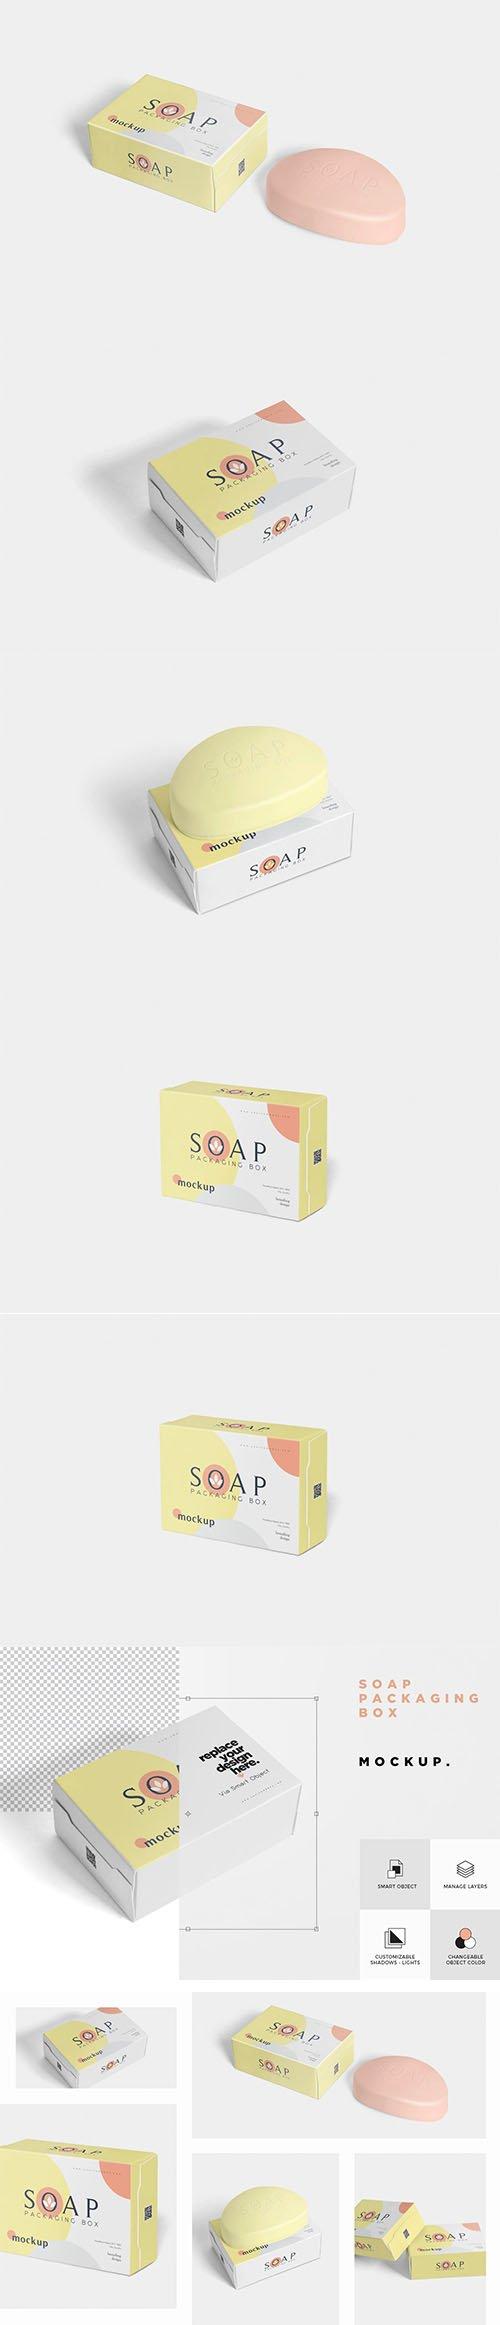 CreativeMarket - Packaging Box & Soap Mockup 3476268